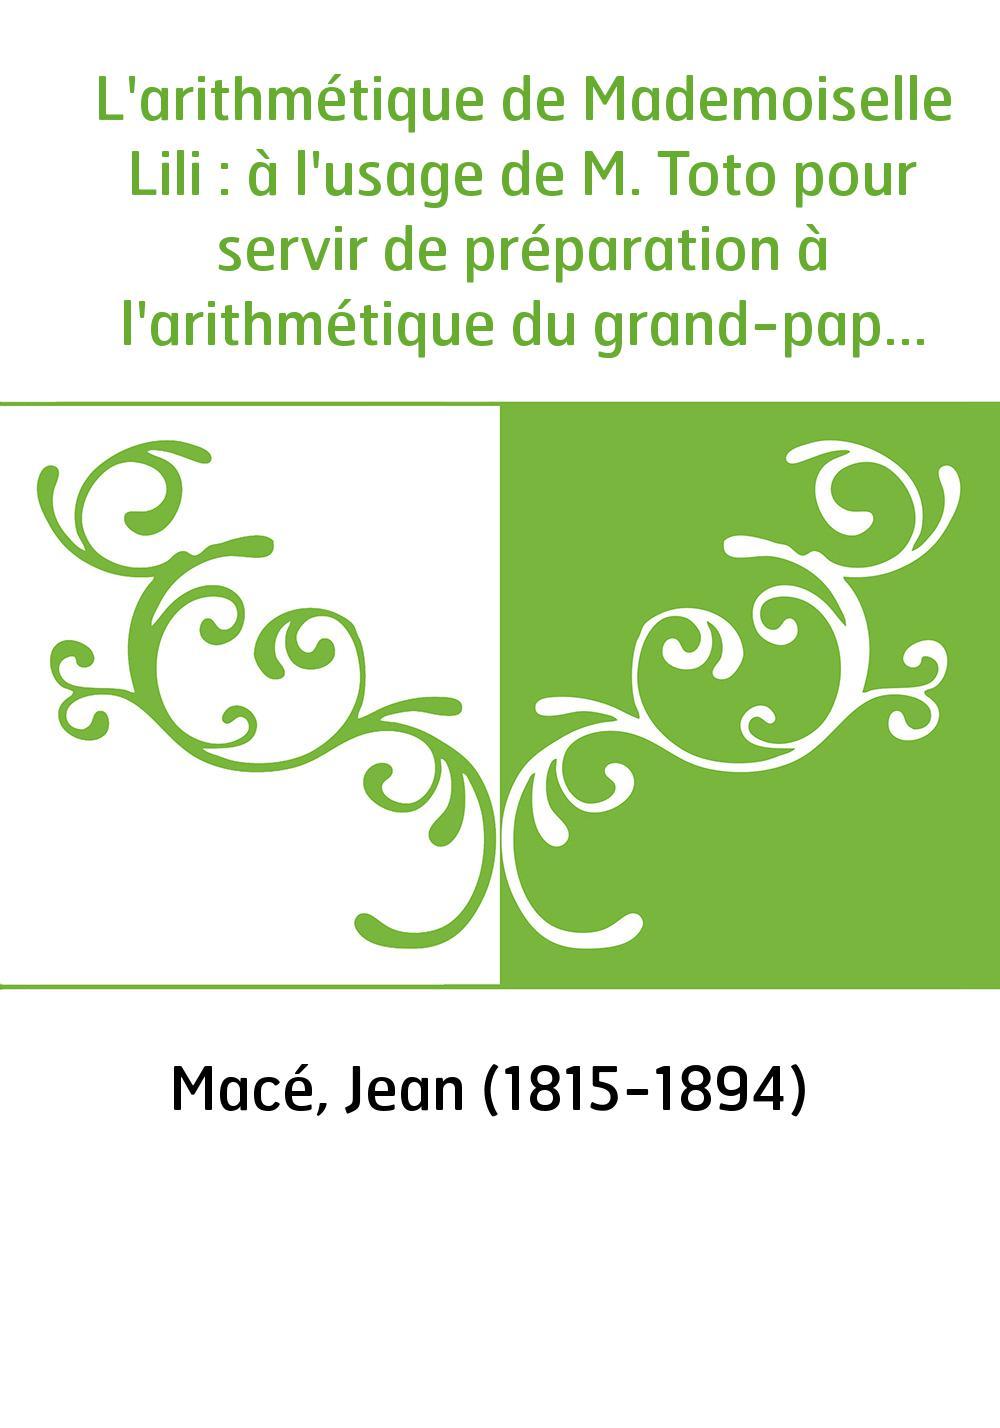 L'arithmétique de Mademoiselle Lili : à l'usage de M. Toto pour servir de préparation à l'arithmétique du grand-papa / par Jean